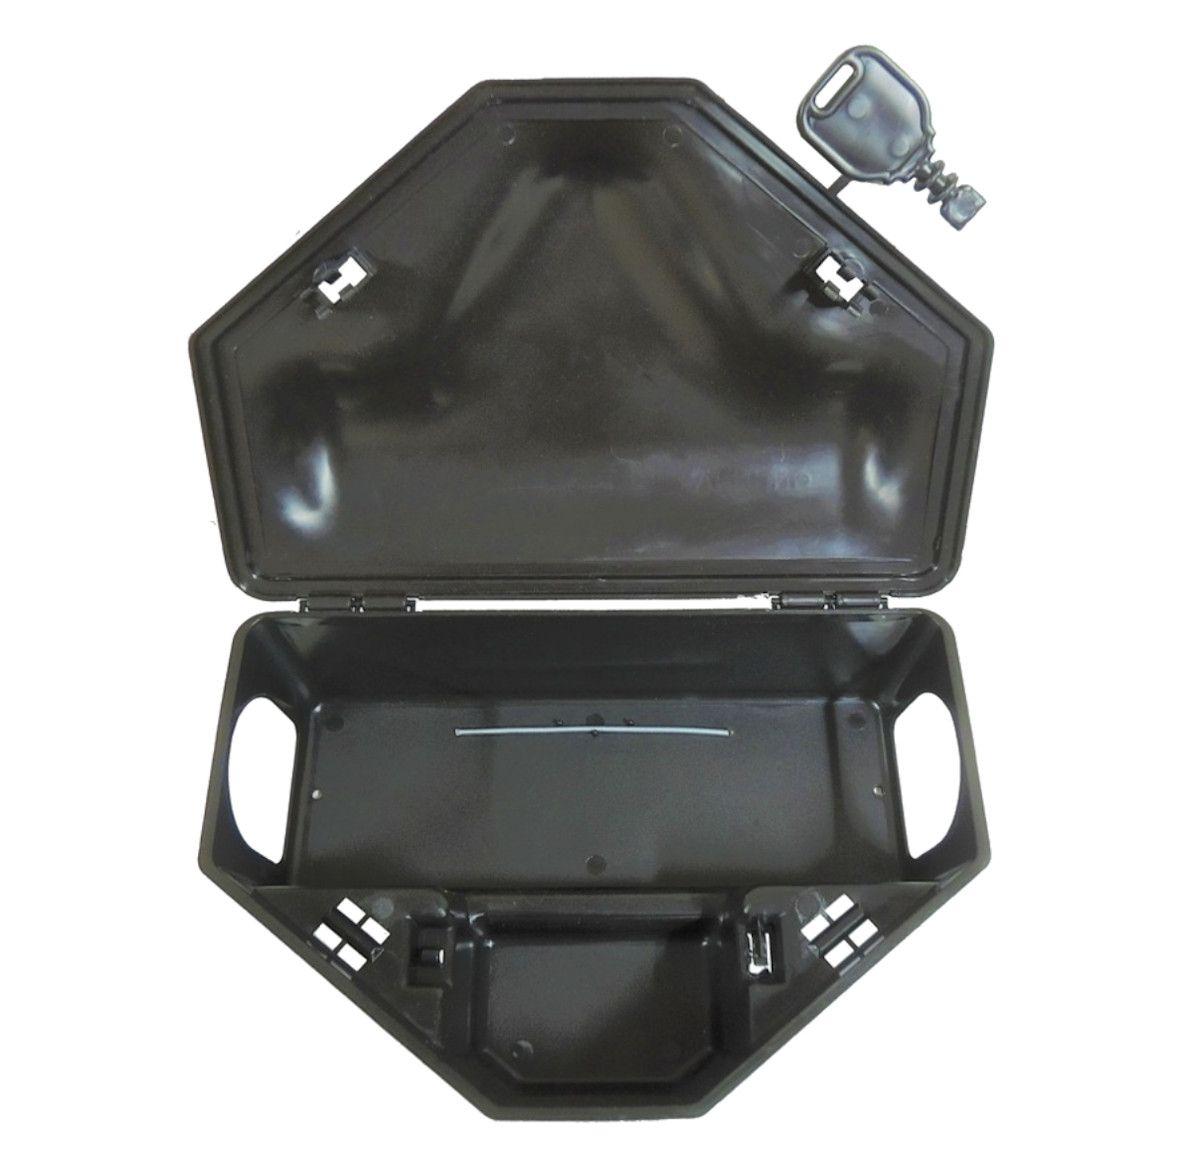 Kit 10 Porta Iscas Com Chave Para Ratos